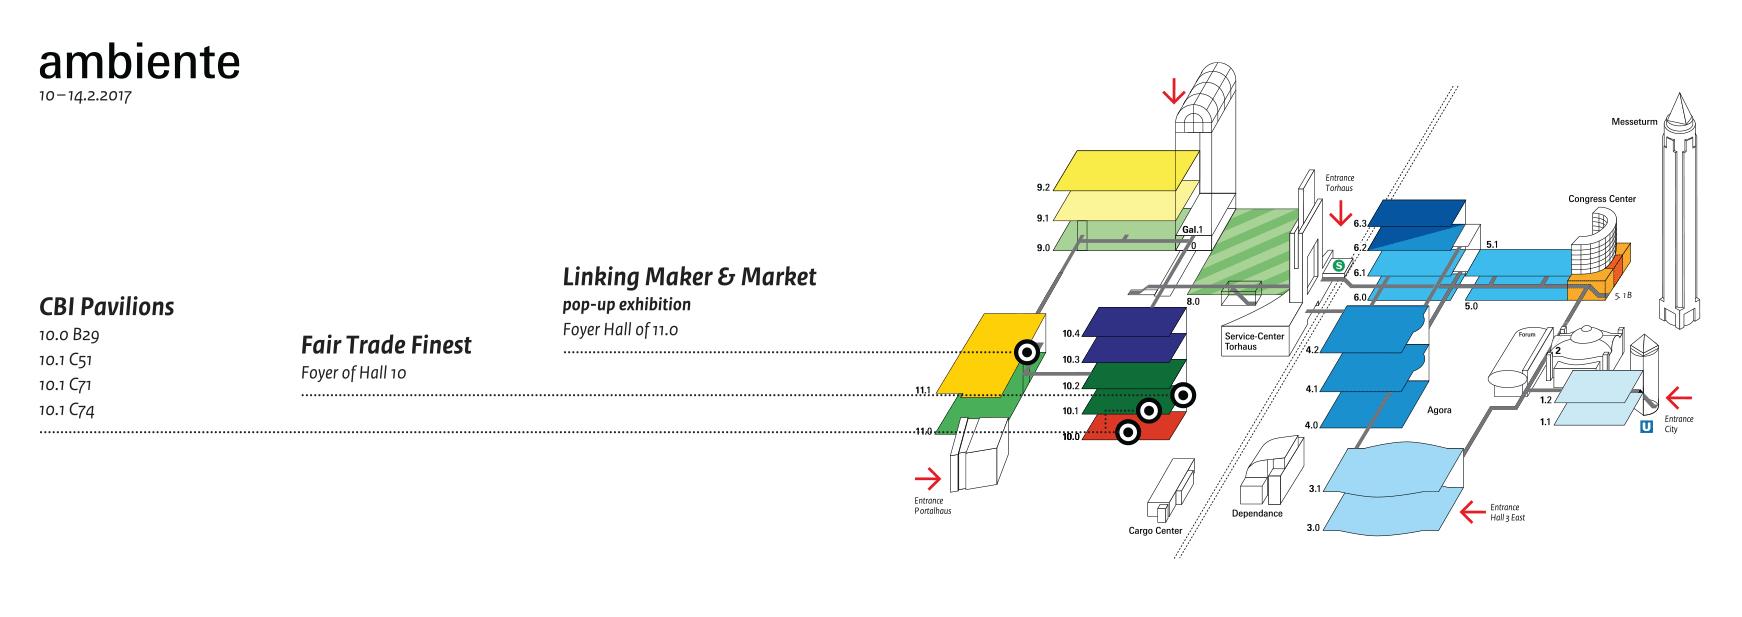 Ambiente 2017 floorplan